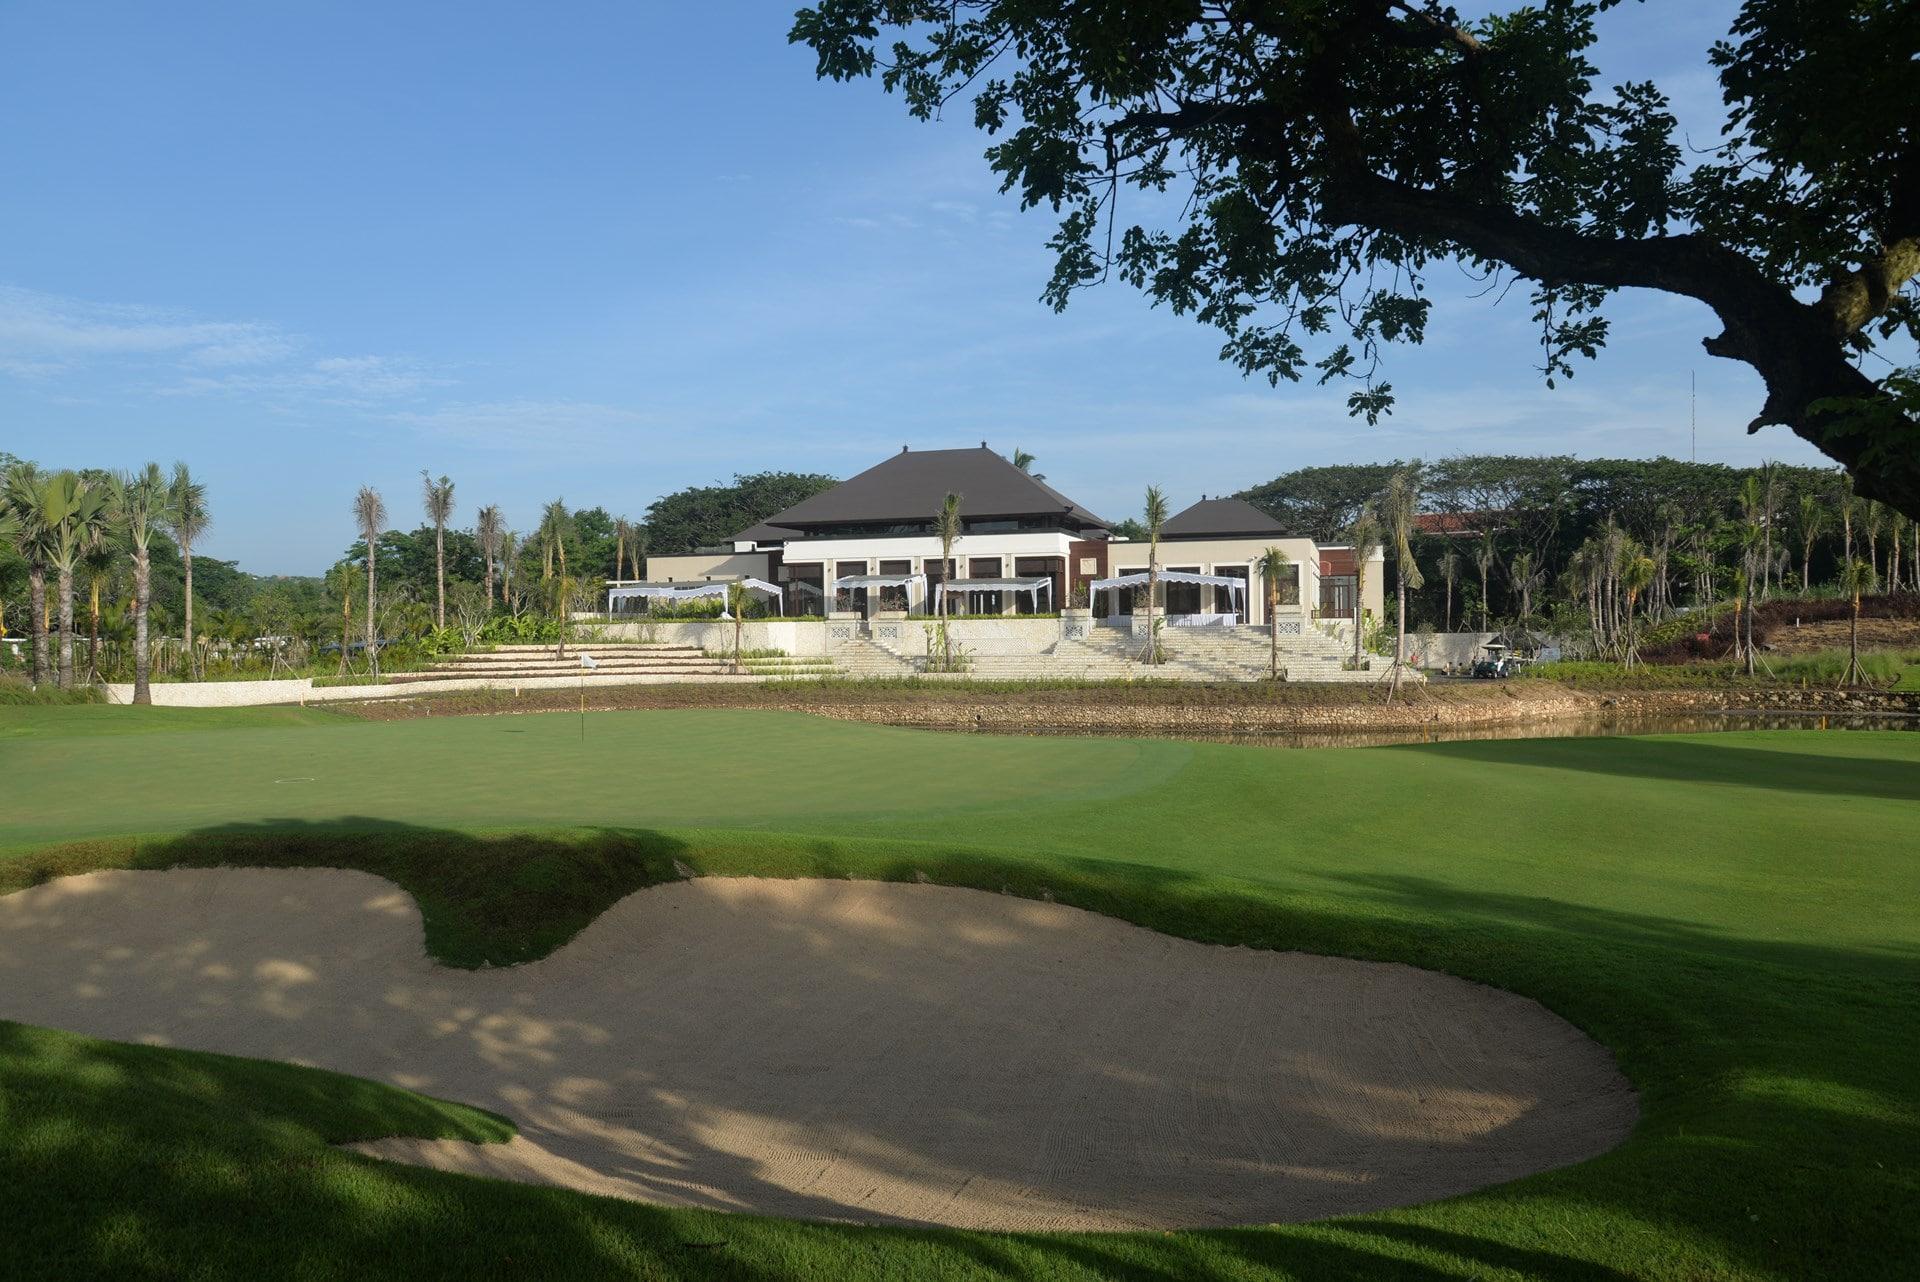 Bali National Golf Club